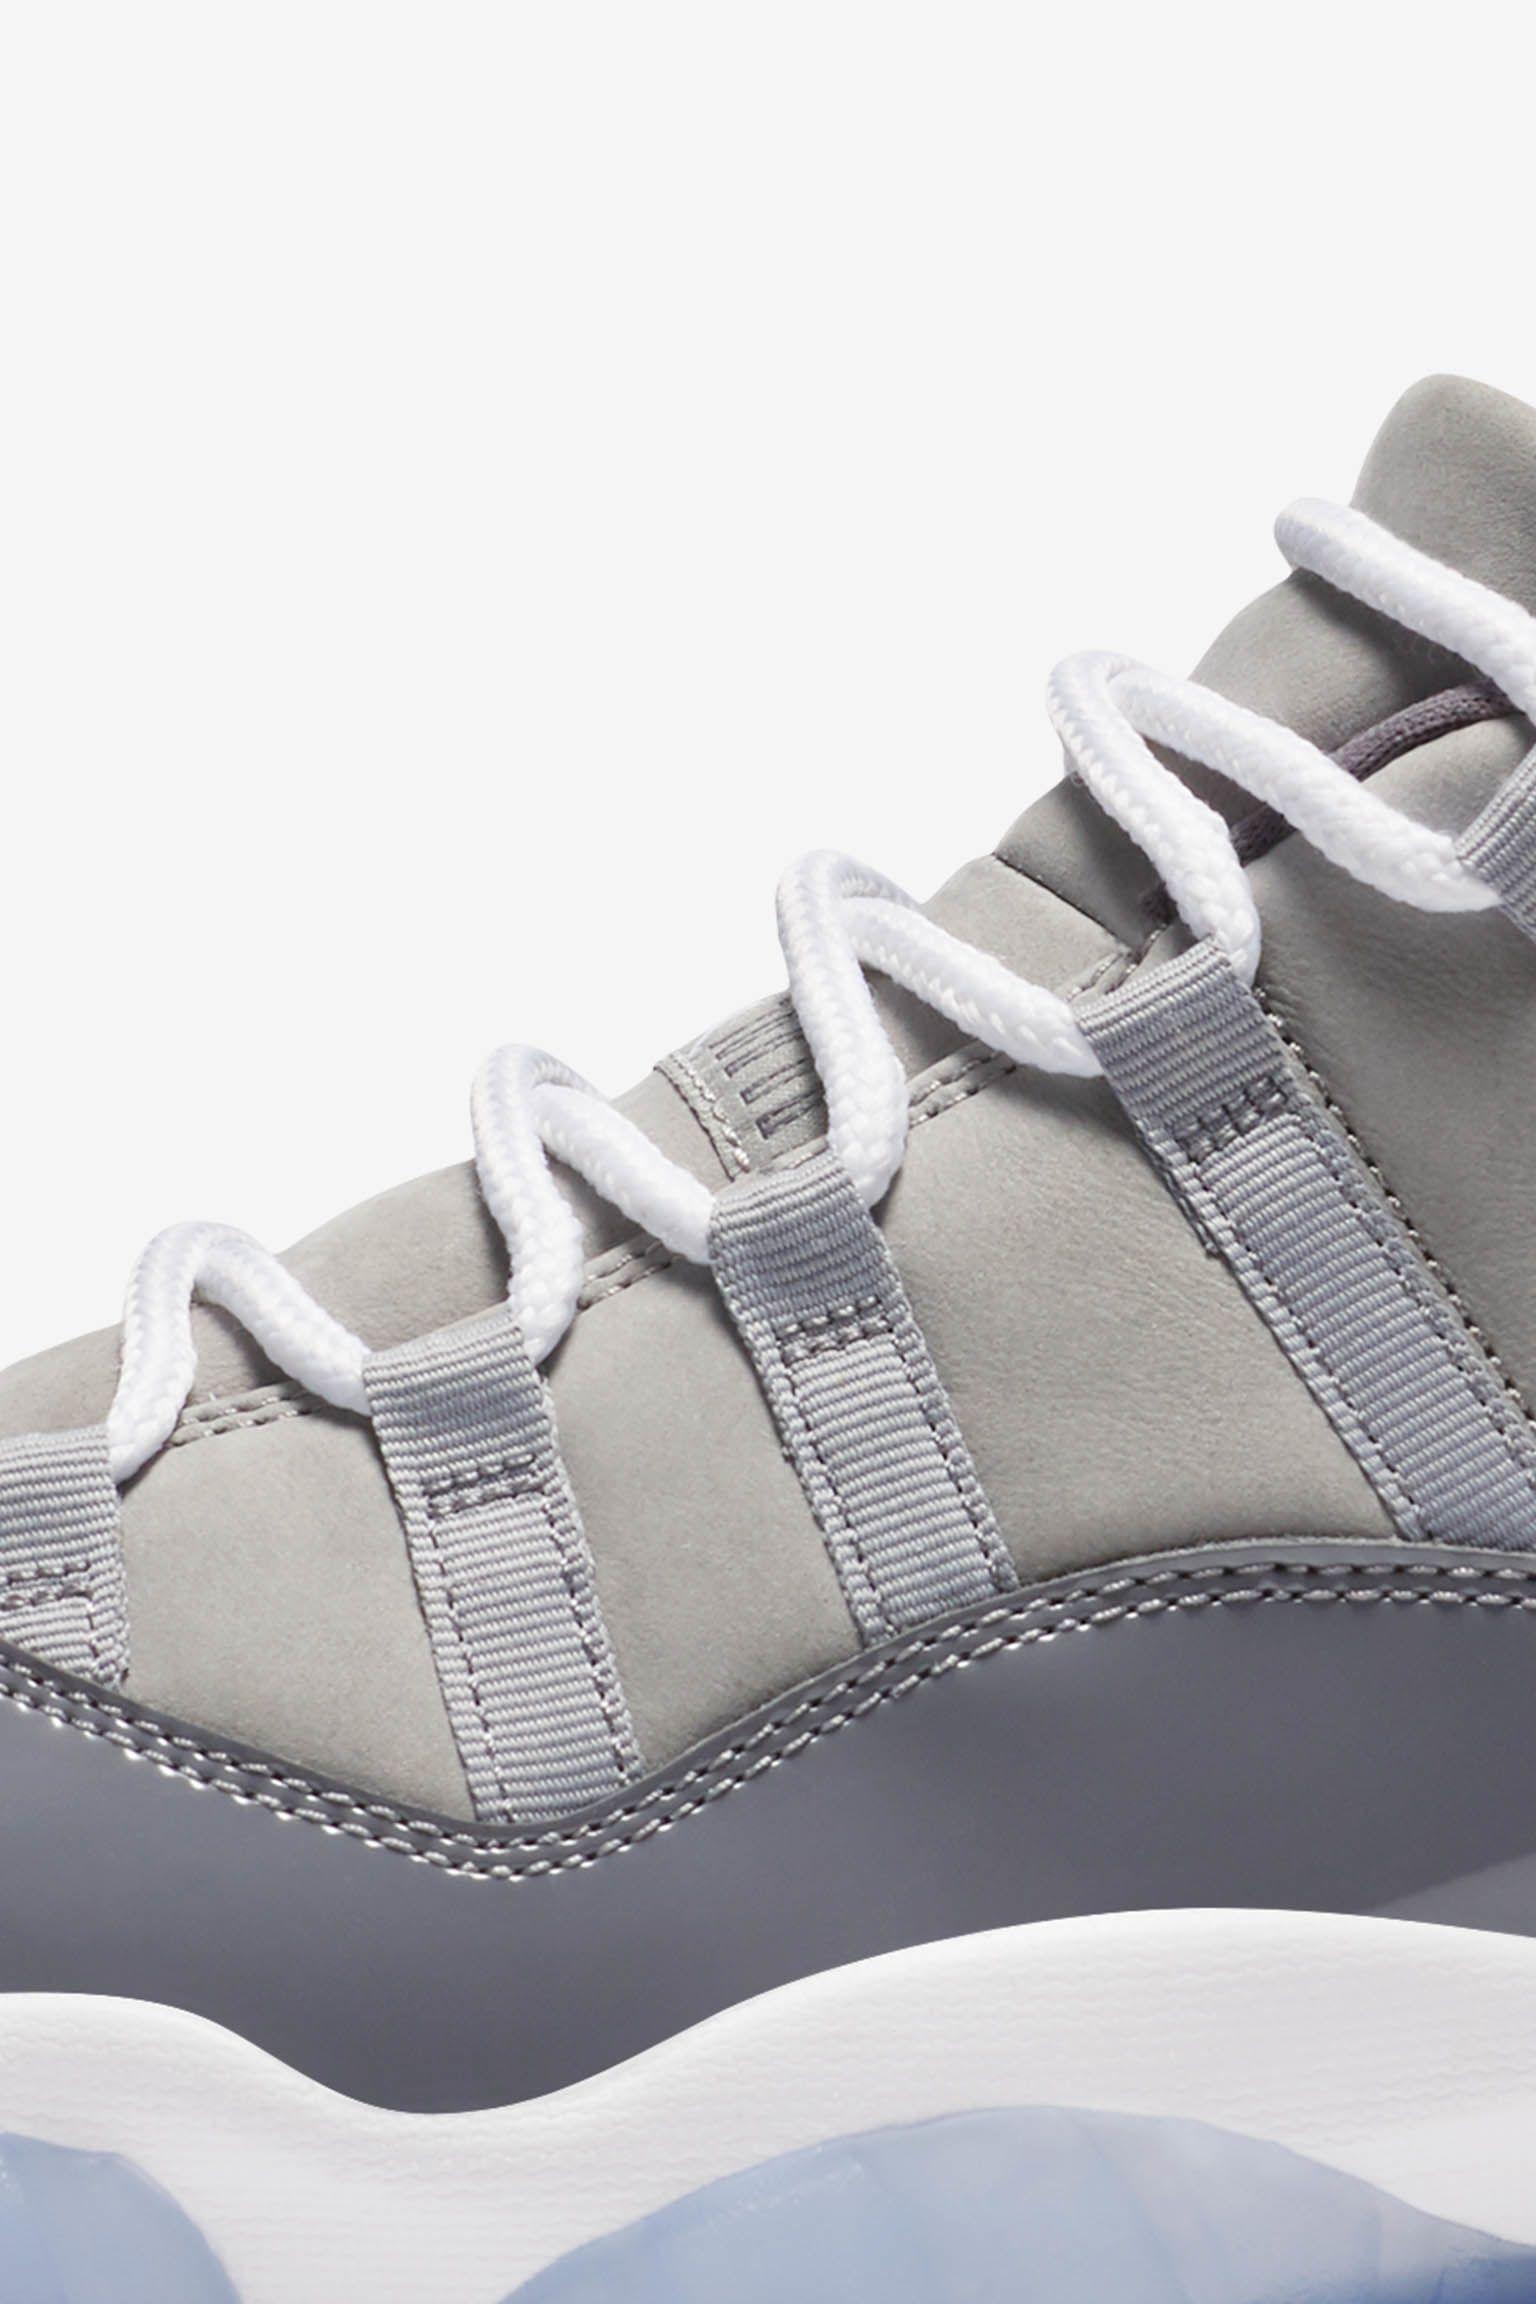 Air Jordan 11 Low 'Cool Grey' Release Date